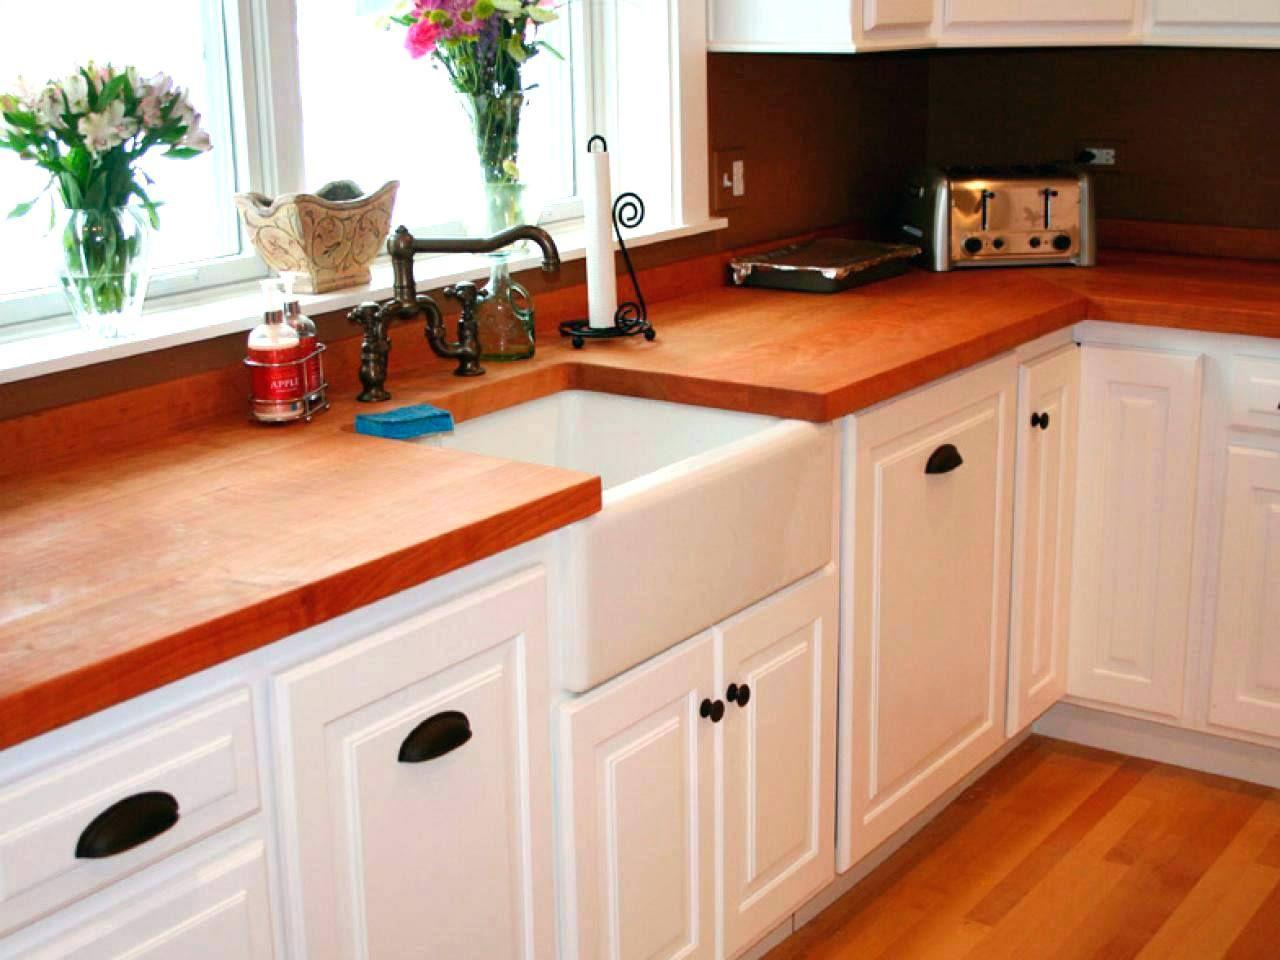 Geburstet Kupfer Cabinet Hardware Ein Beliebtes Metall Fur Haus Design Produkte Weil Es Ist Einfach Mit Zu A Kuchenrenovierung Kirschholz Kuche Kuche Holz